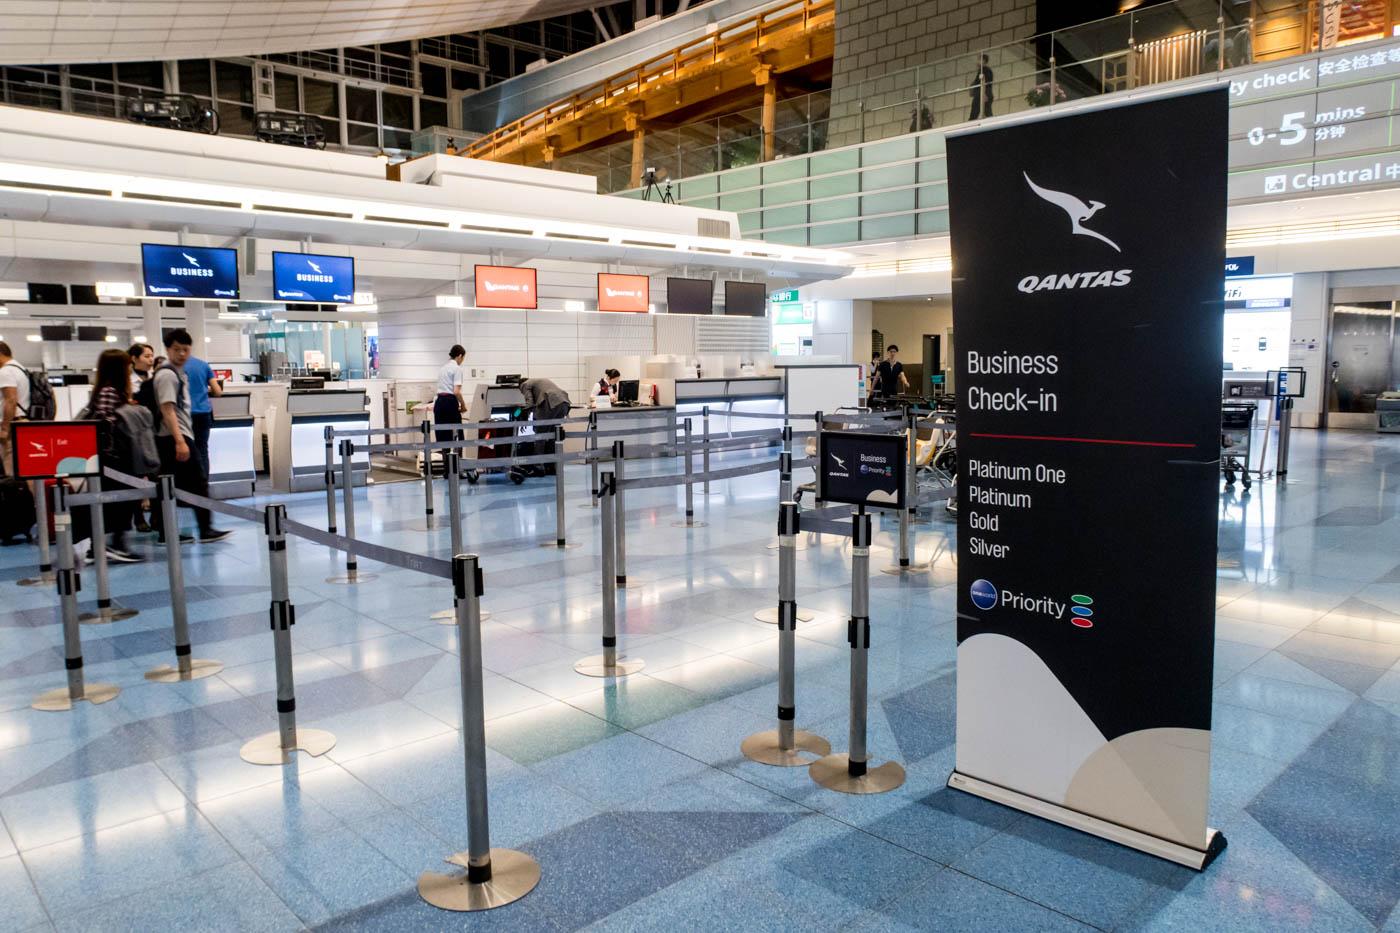 Qantas Check-in Area at Haneda